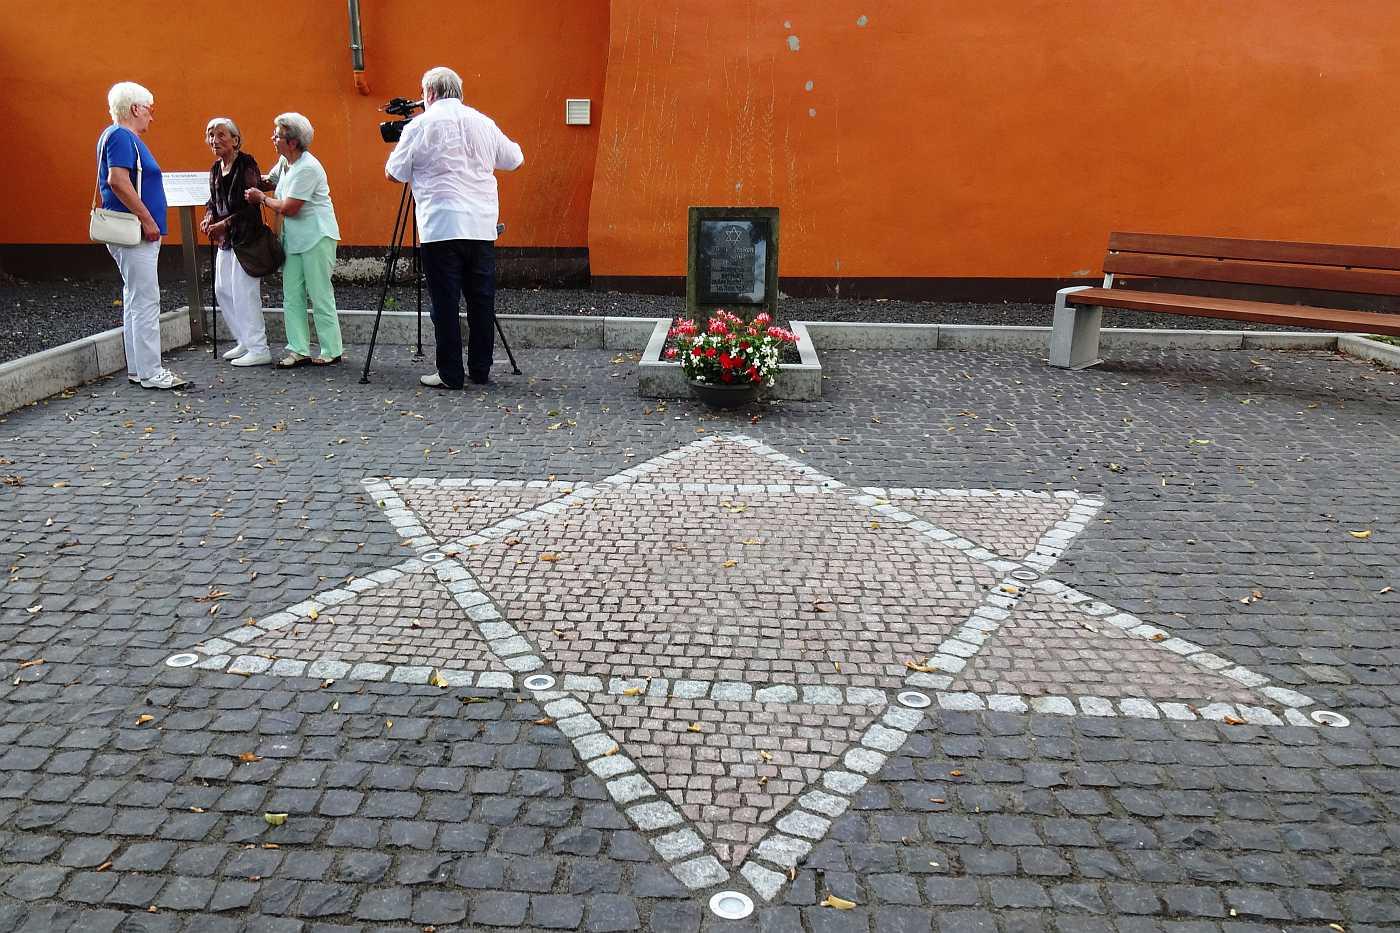 http://www.alemannia-judaica.de/images/Images%20400/Hahnheim%20Synagogenplatz%20010.jpg